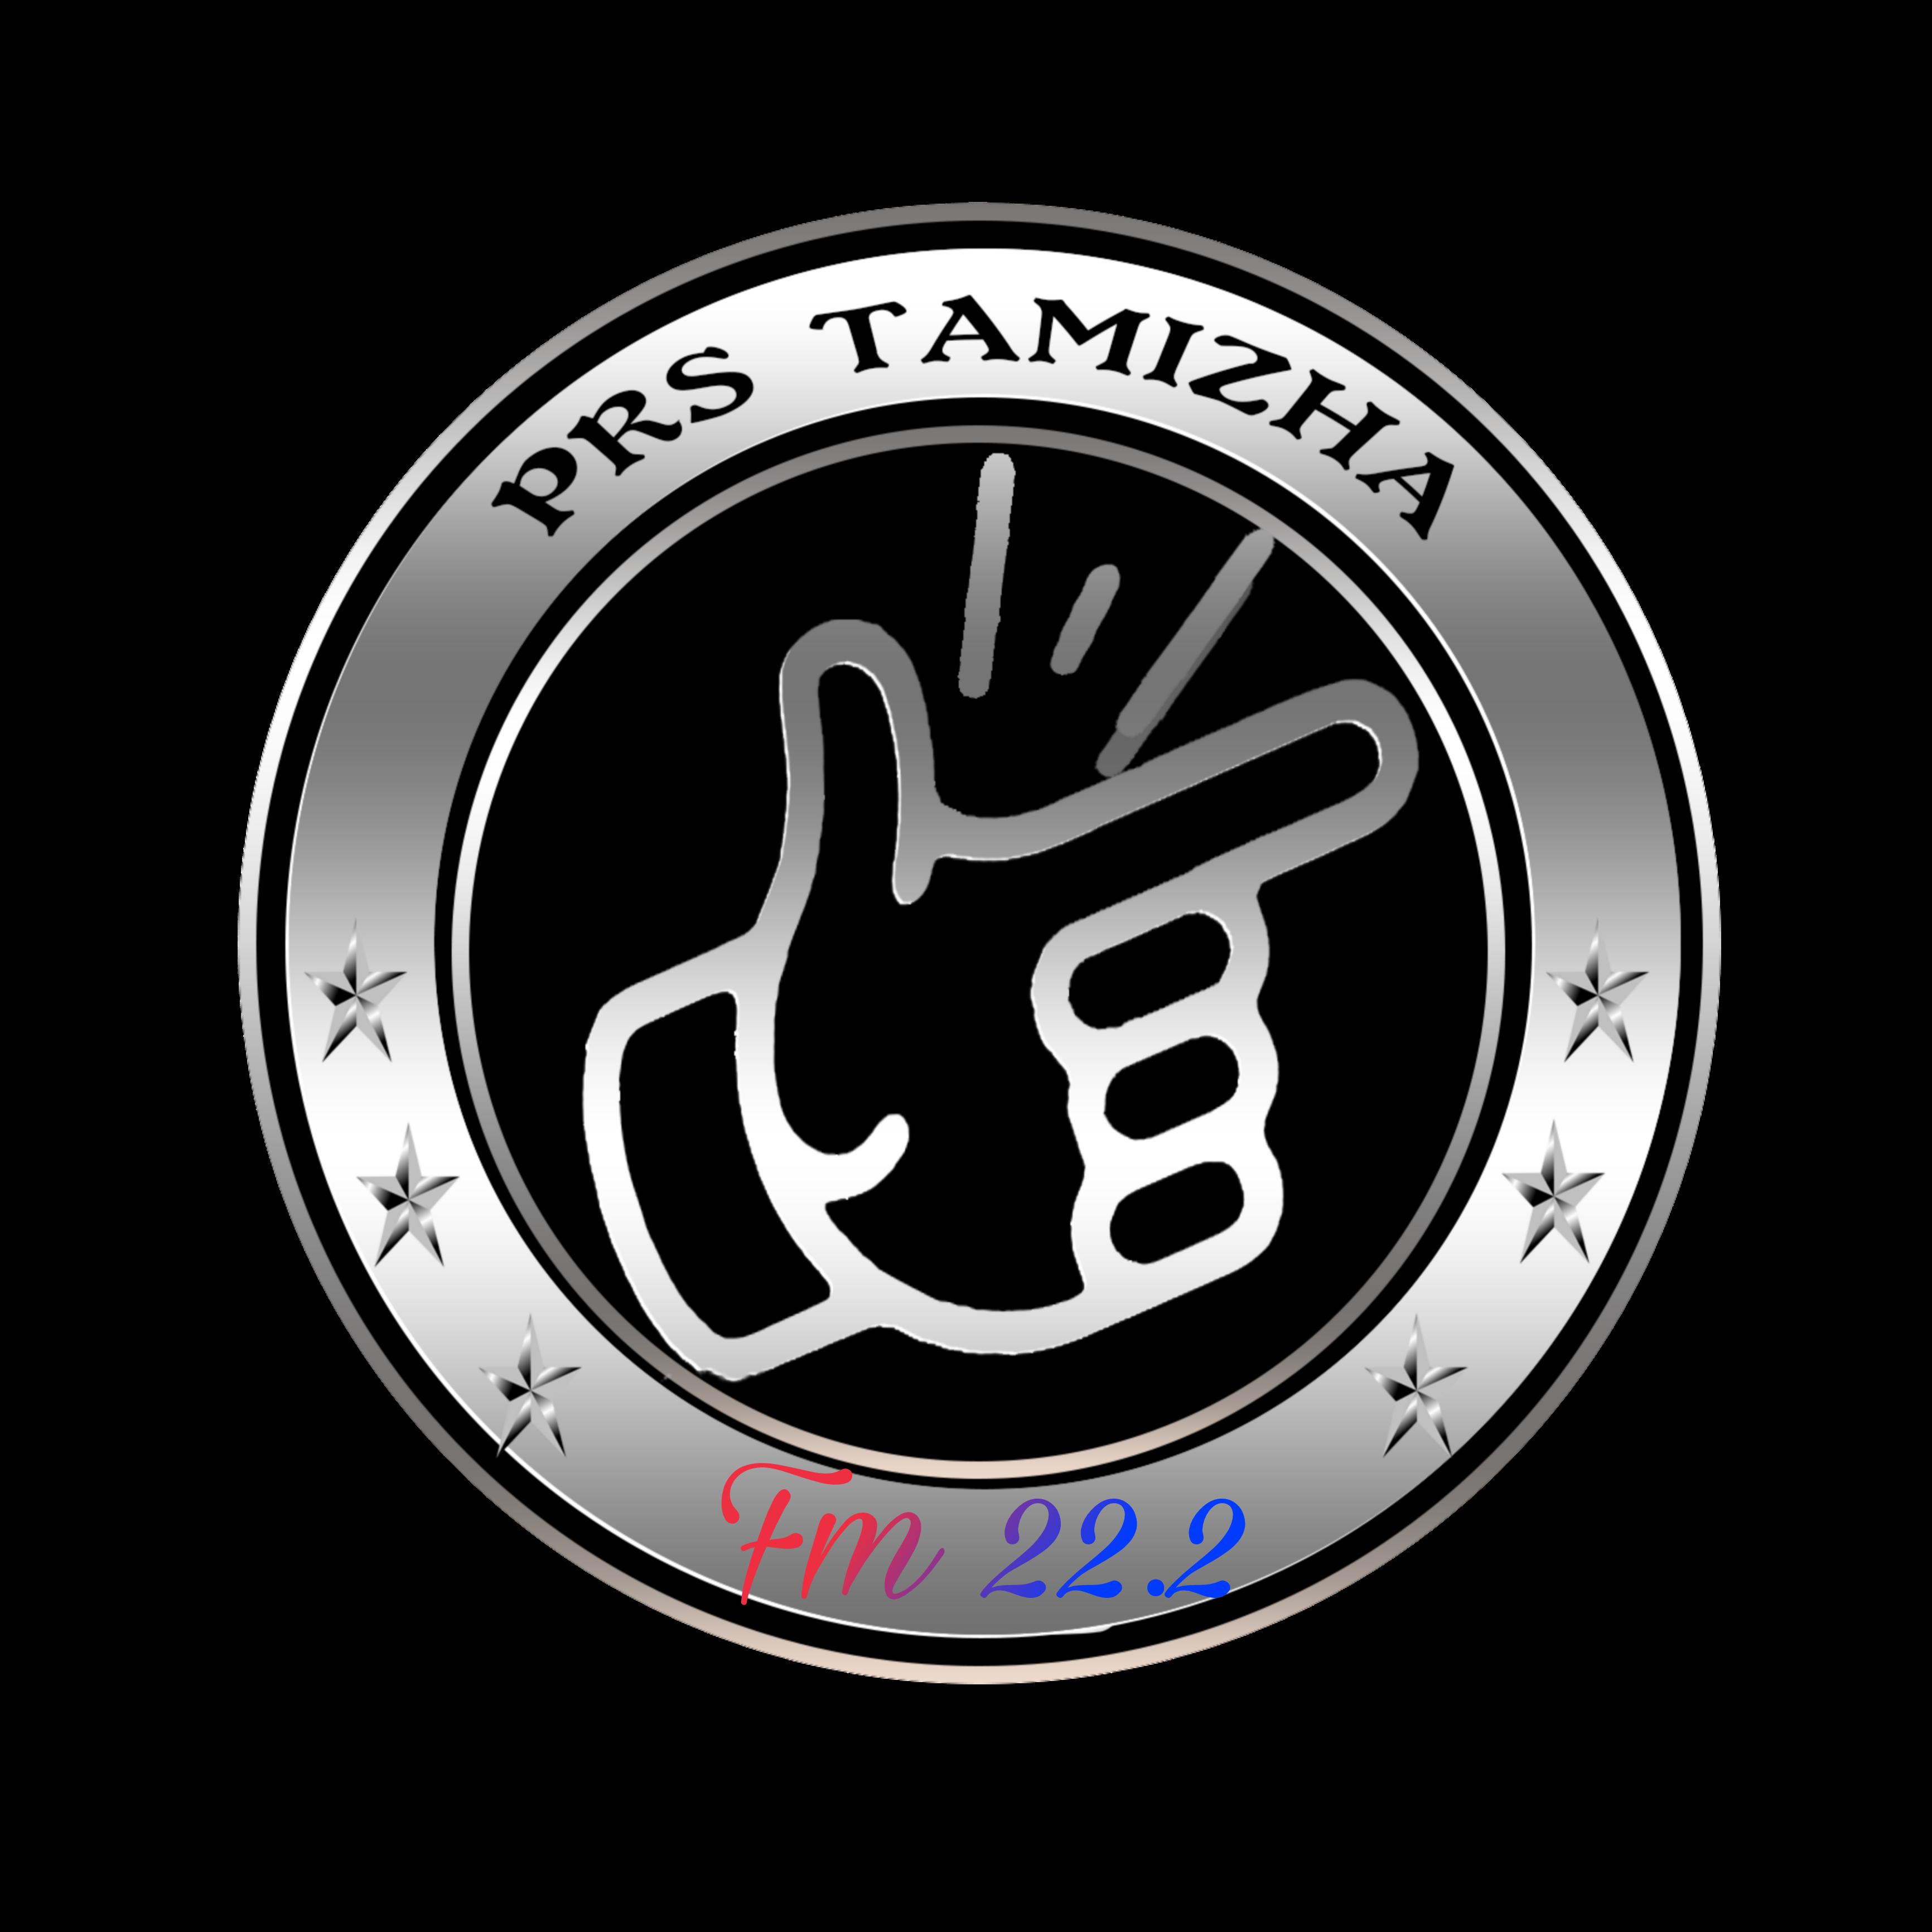 PRS TAMIZHA 22.2